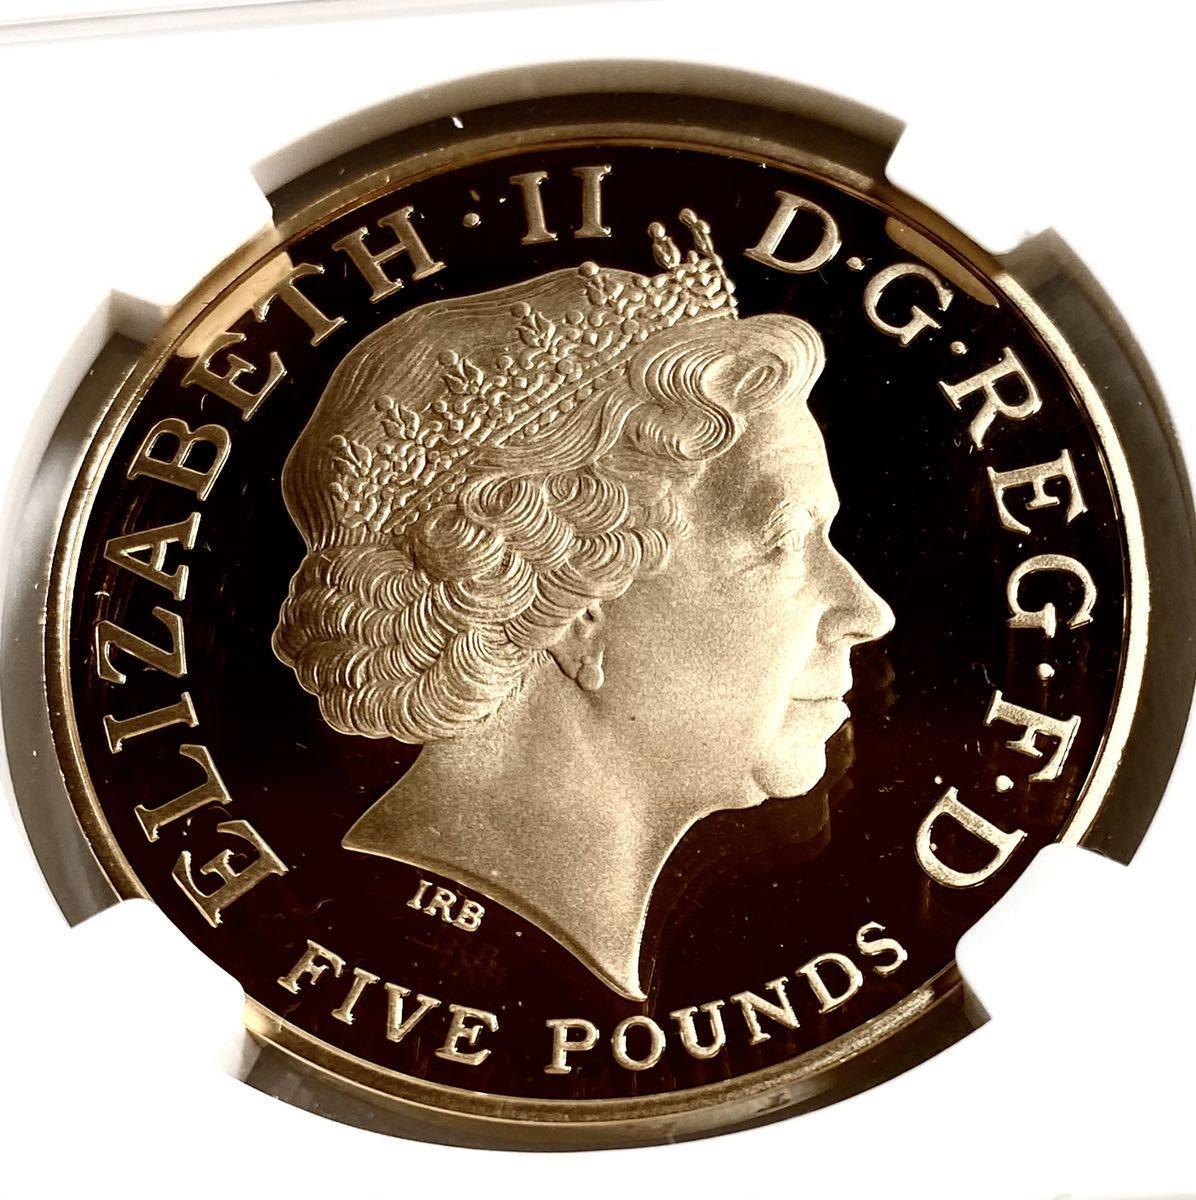 イギリス金貨 2008 5ポンド エリザベス1世 NGC PF70UC 発行枚数1500枚 NGC最高鑑定27枚_画像4